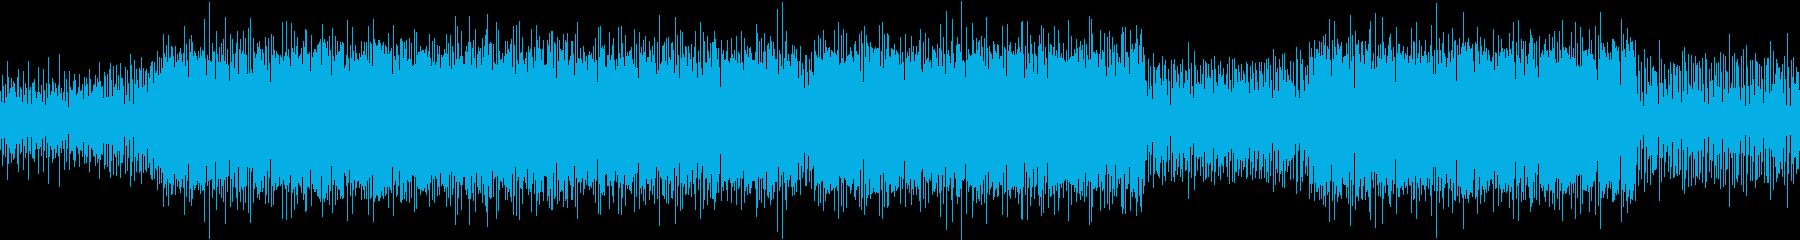 リズムに乗せたメロディーが特徴的の再生済みの波形